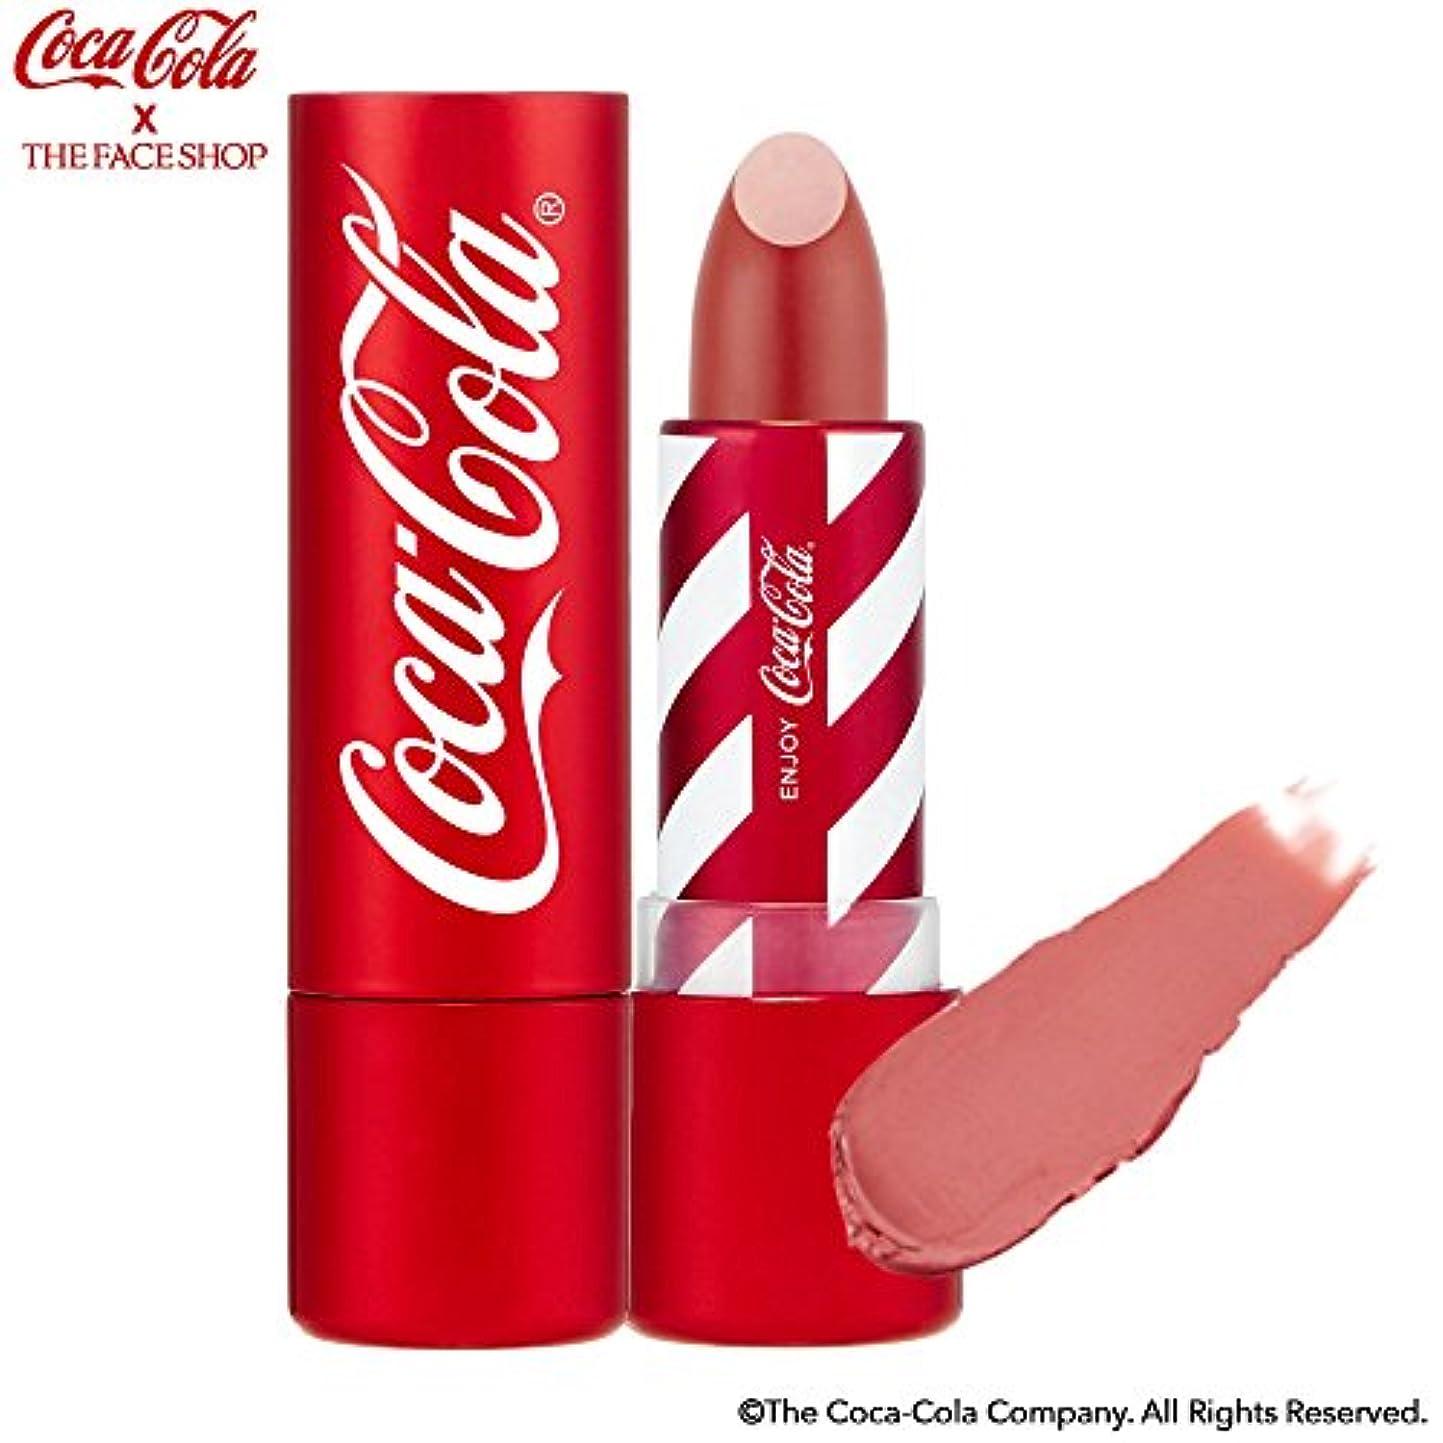 余裕がある乳白色家事[ザ?フェイスショップ] THE FACE SHOP [コカ?コーラ リップスティック 3.5g 限定版] (Coca Cola Lipstick 3.5g Limited Edition) [海外直送品] (01. リフレシング...